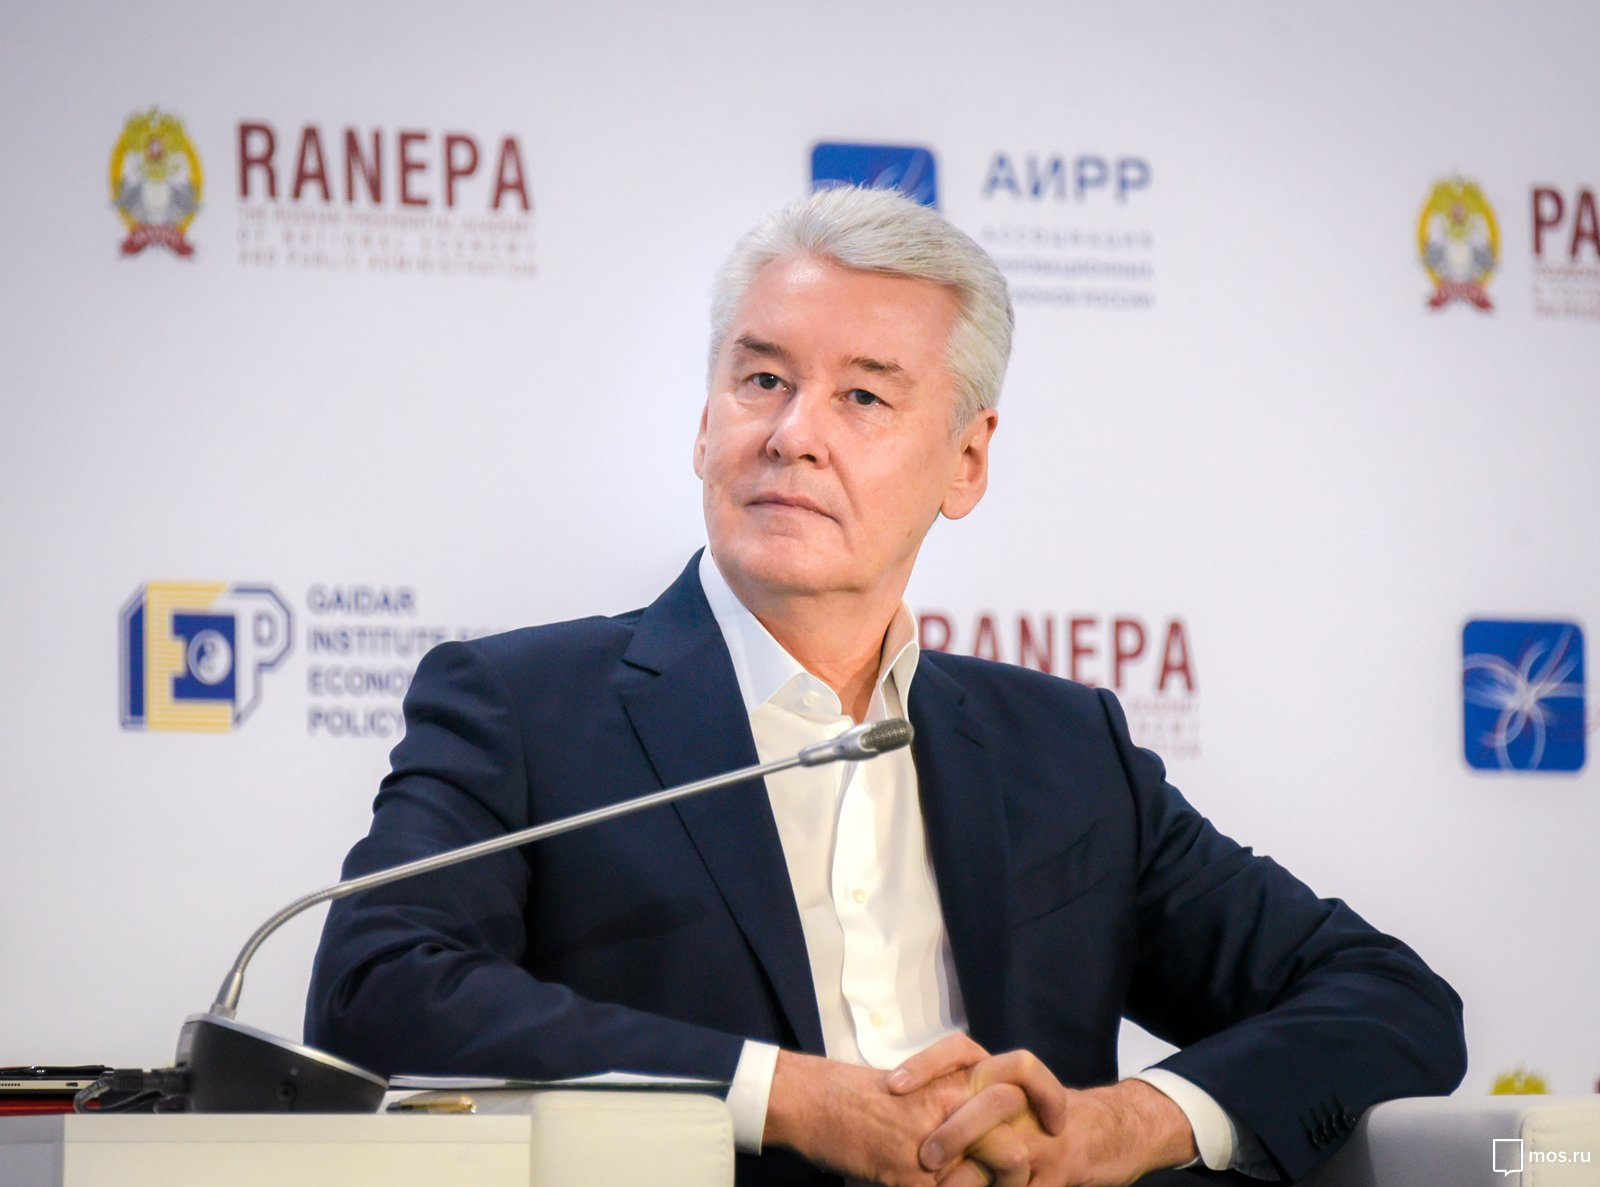 Сергей Собянин во время посещения Х Гайдаровского форума